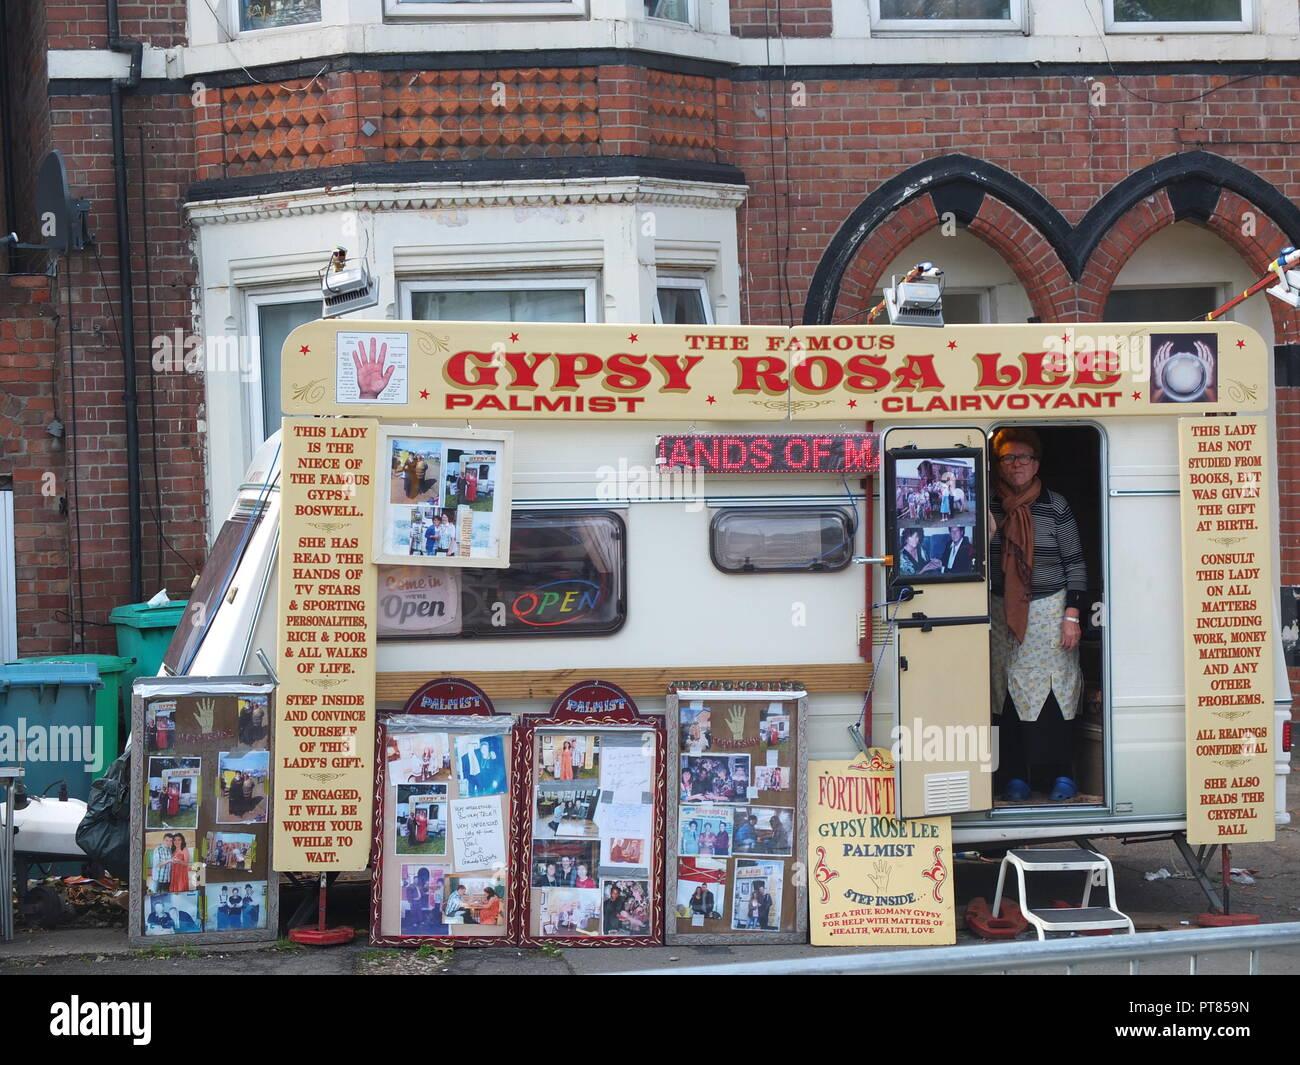 Tapis Pour Caravane Gitan rosa lee photos & rosa lee images - alamy